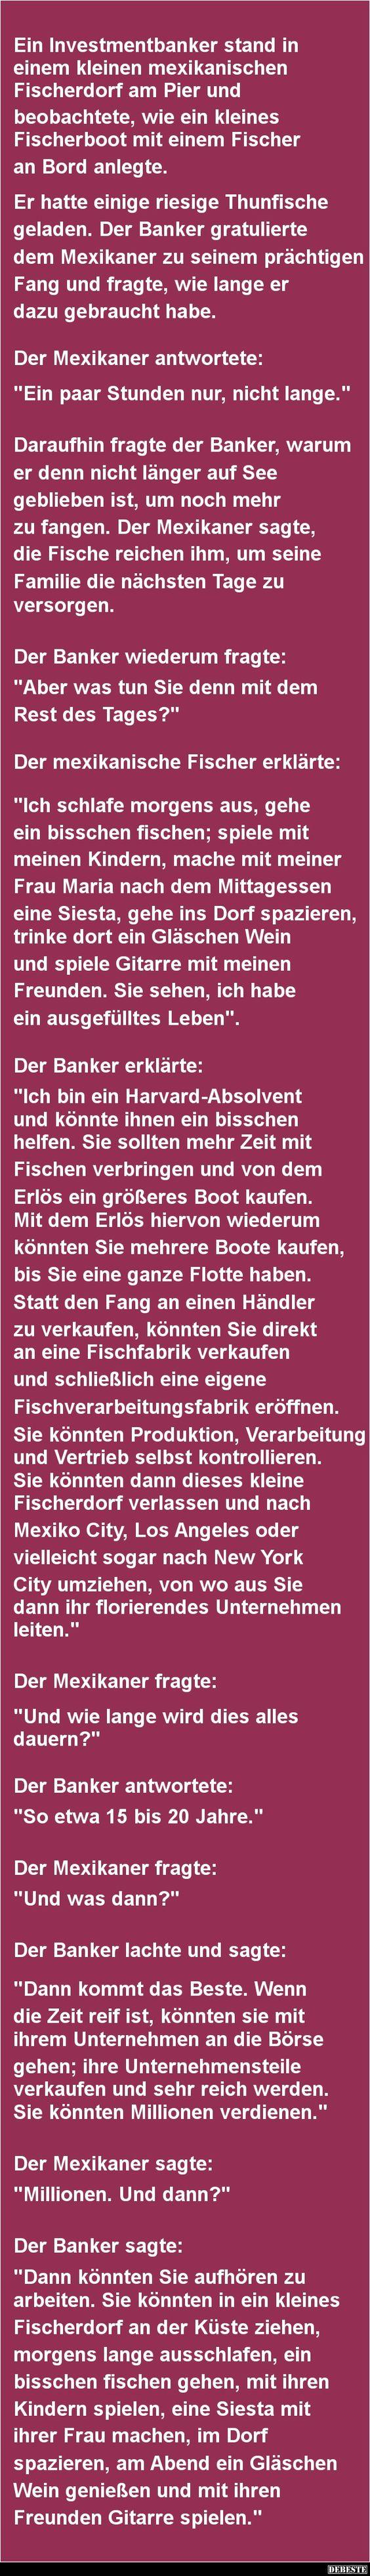 Ein Investmentbanker stand in einem.. | DEBESTE.de ...